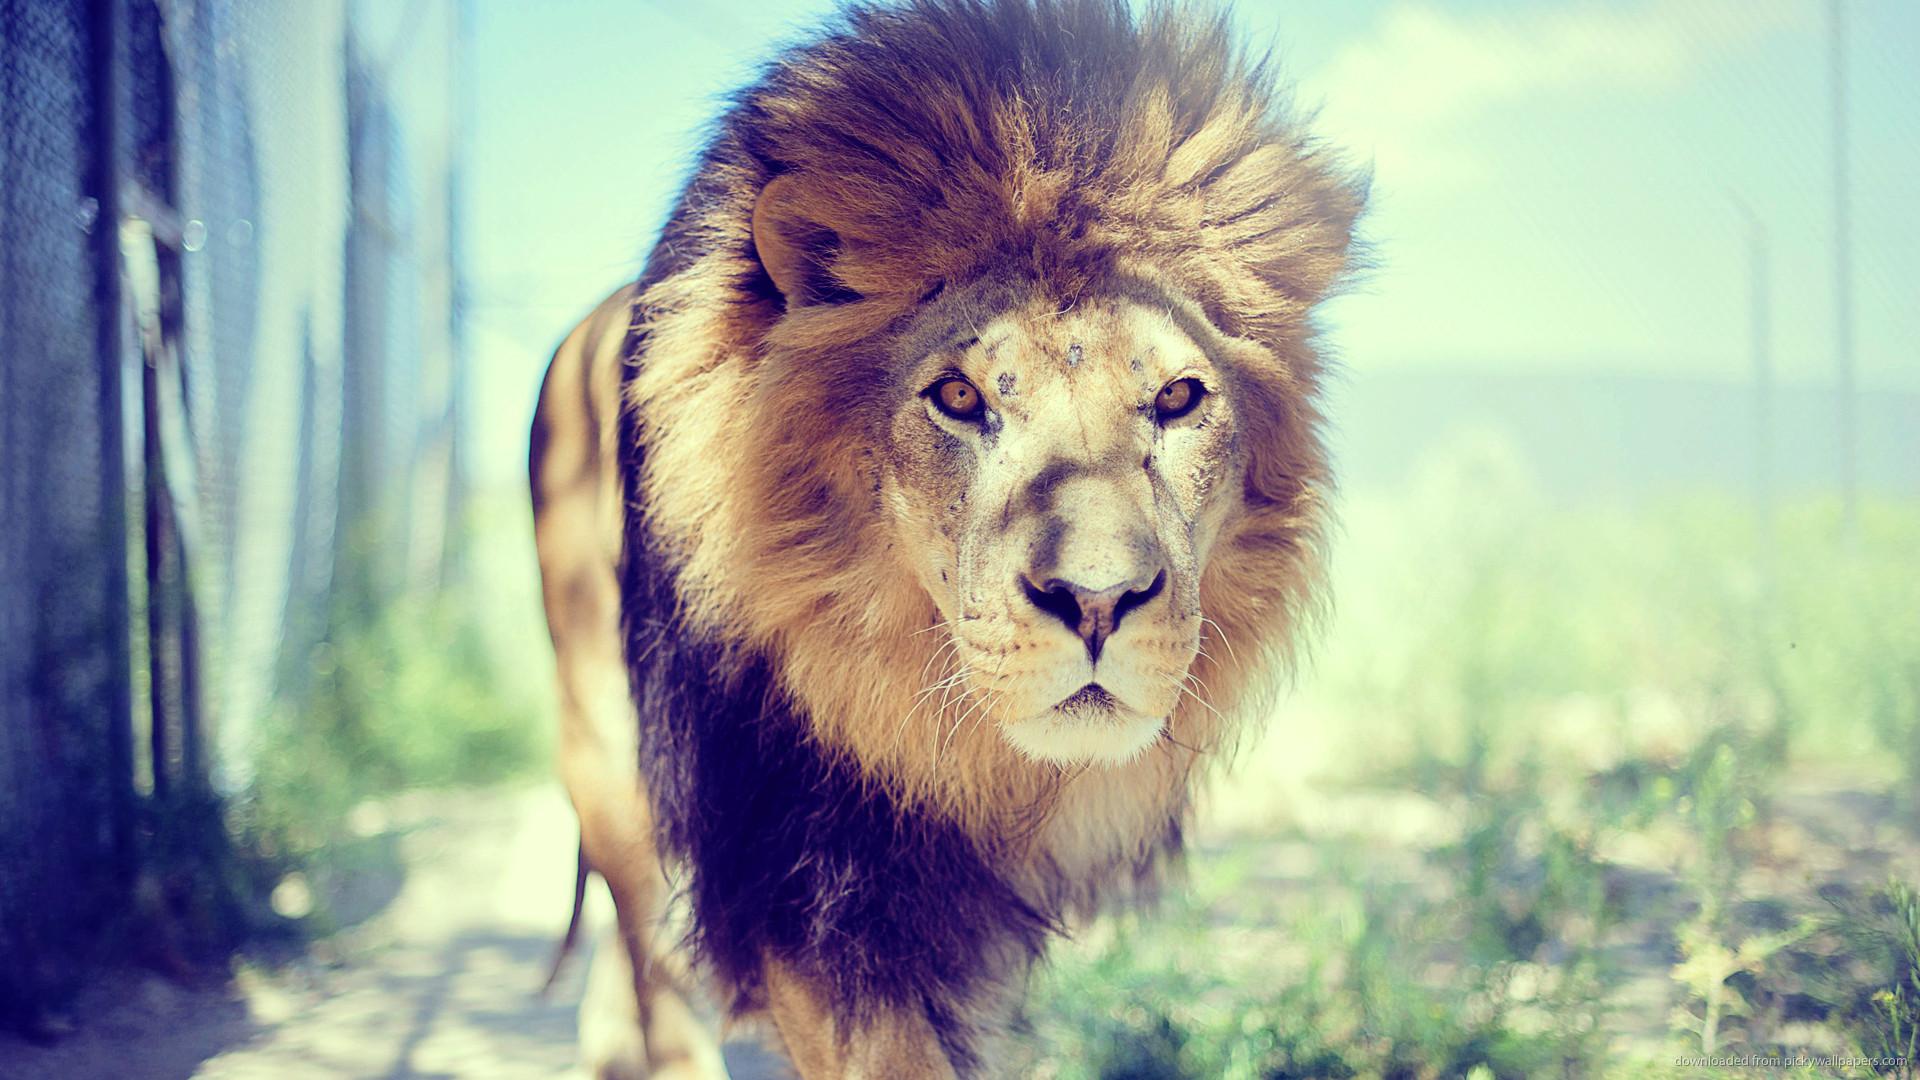 tumblr lion wallpaper 2560×1440 – Buscar con Google